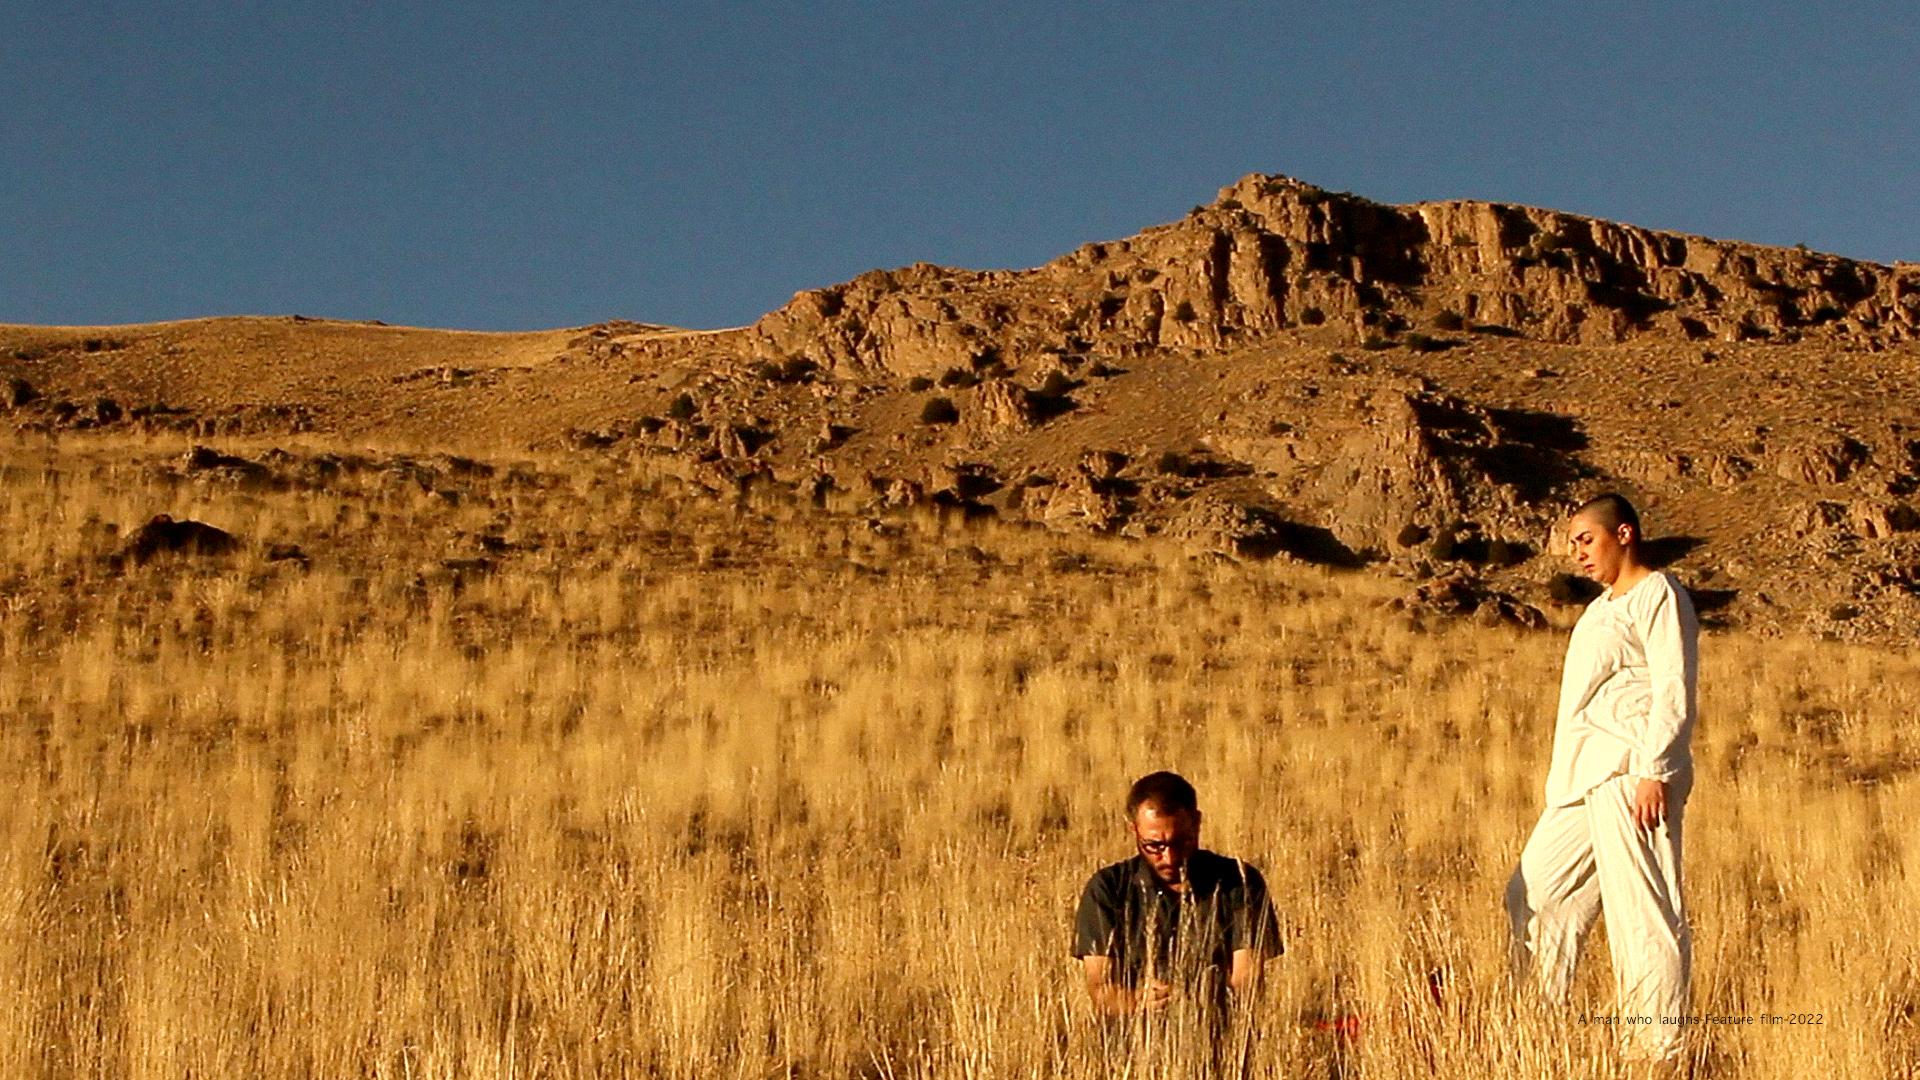 http://farhadbazyan.com/wp-content/uploads/2021/01/A-man-who-laughs-Feature-film-2022-1.jpg